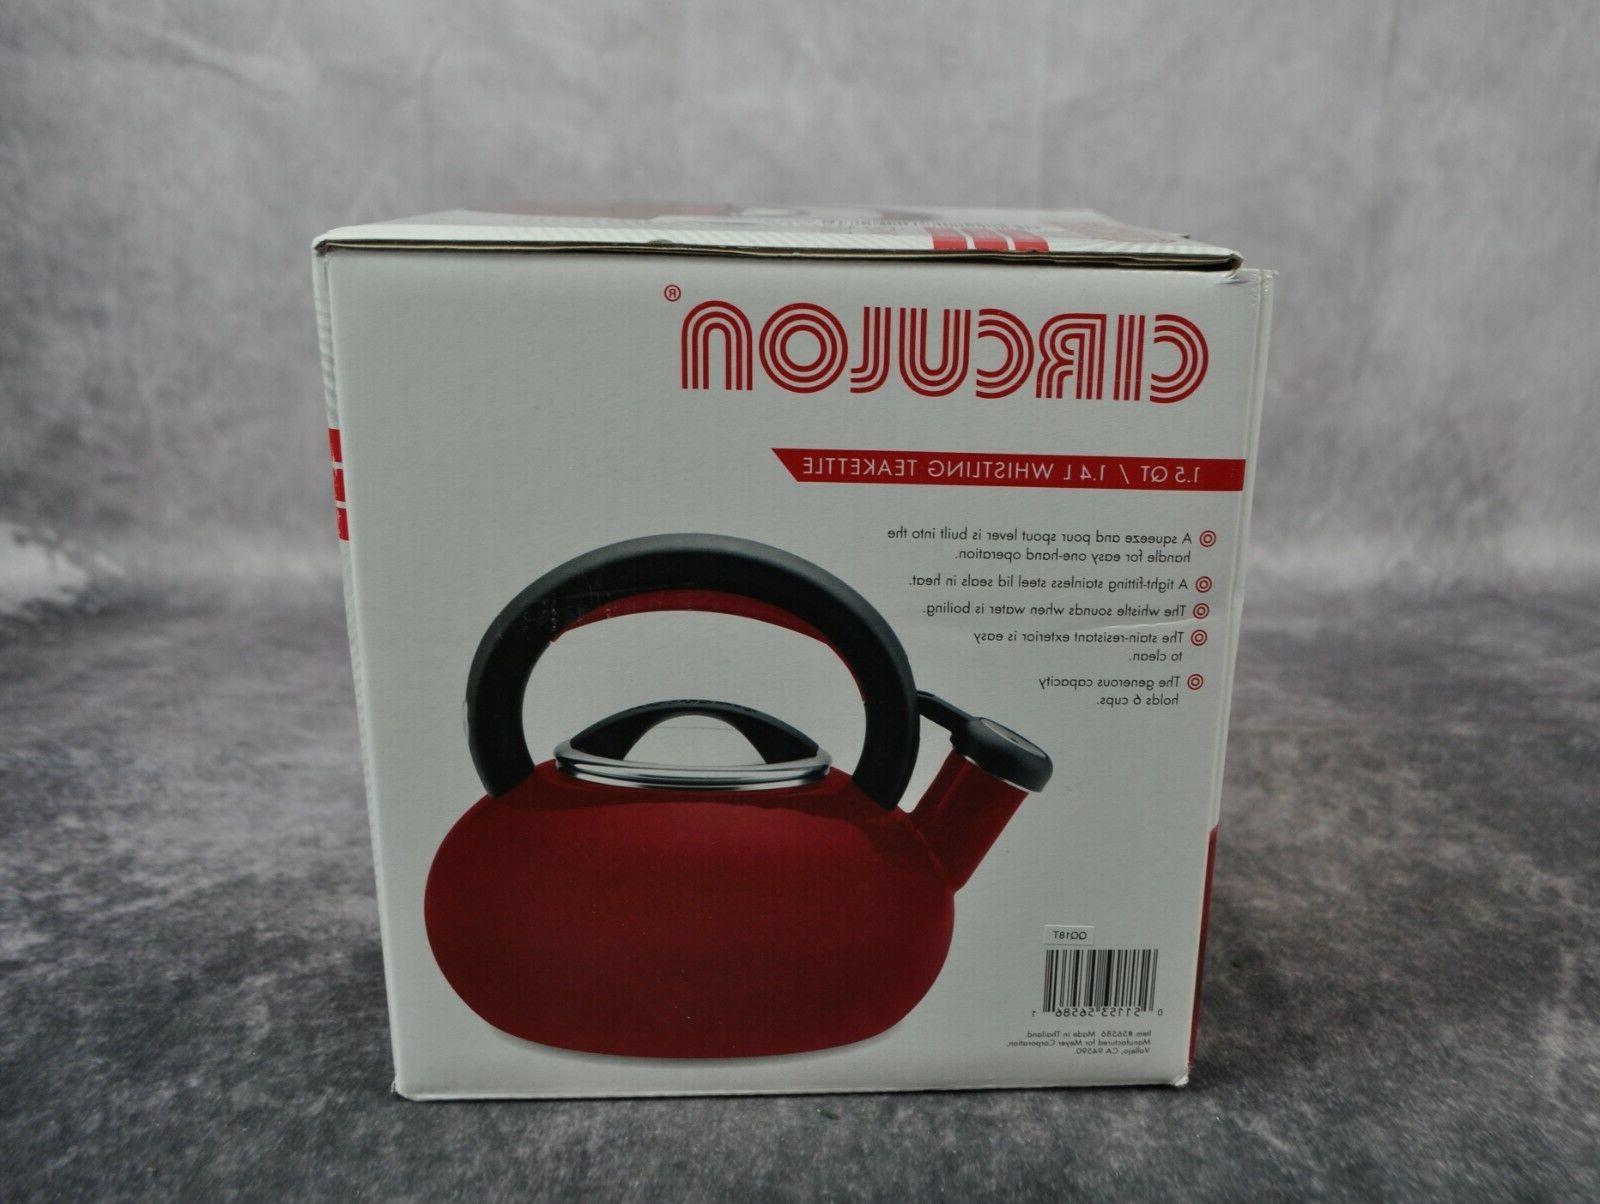 Circulon - Sunrise 1.5-quart Tea Kettle - Rhubarb Red